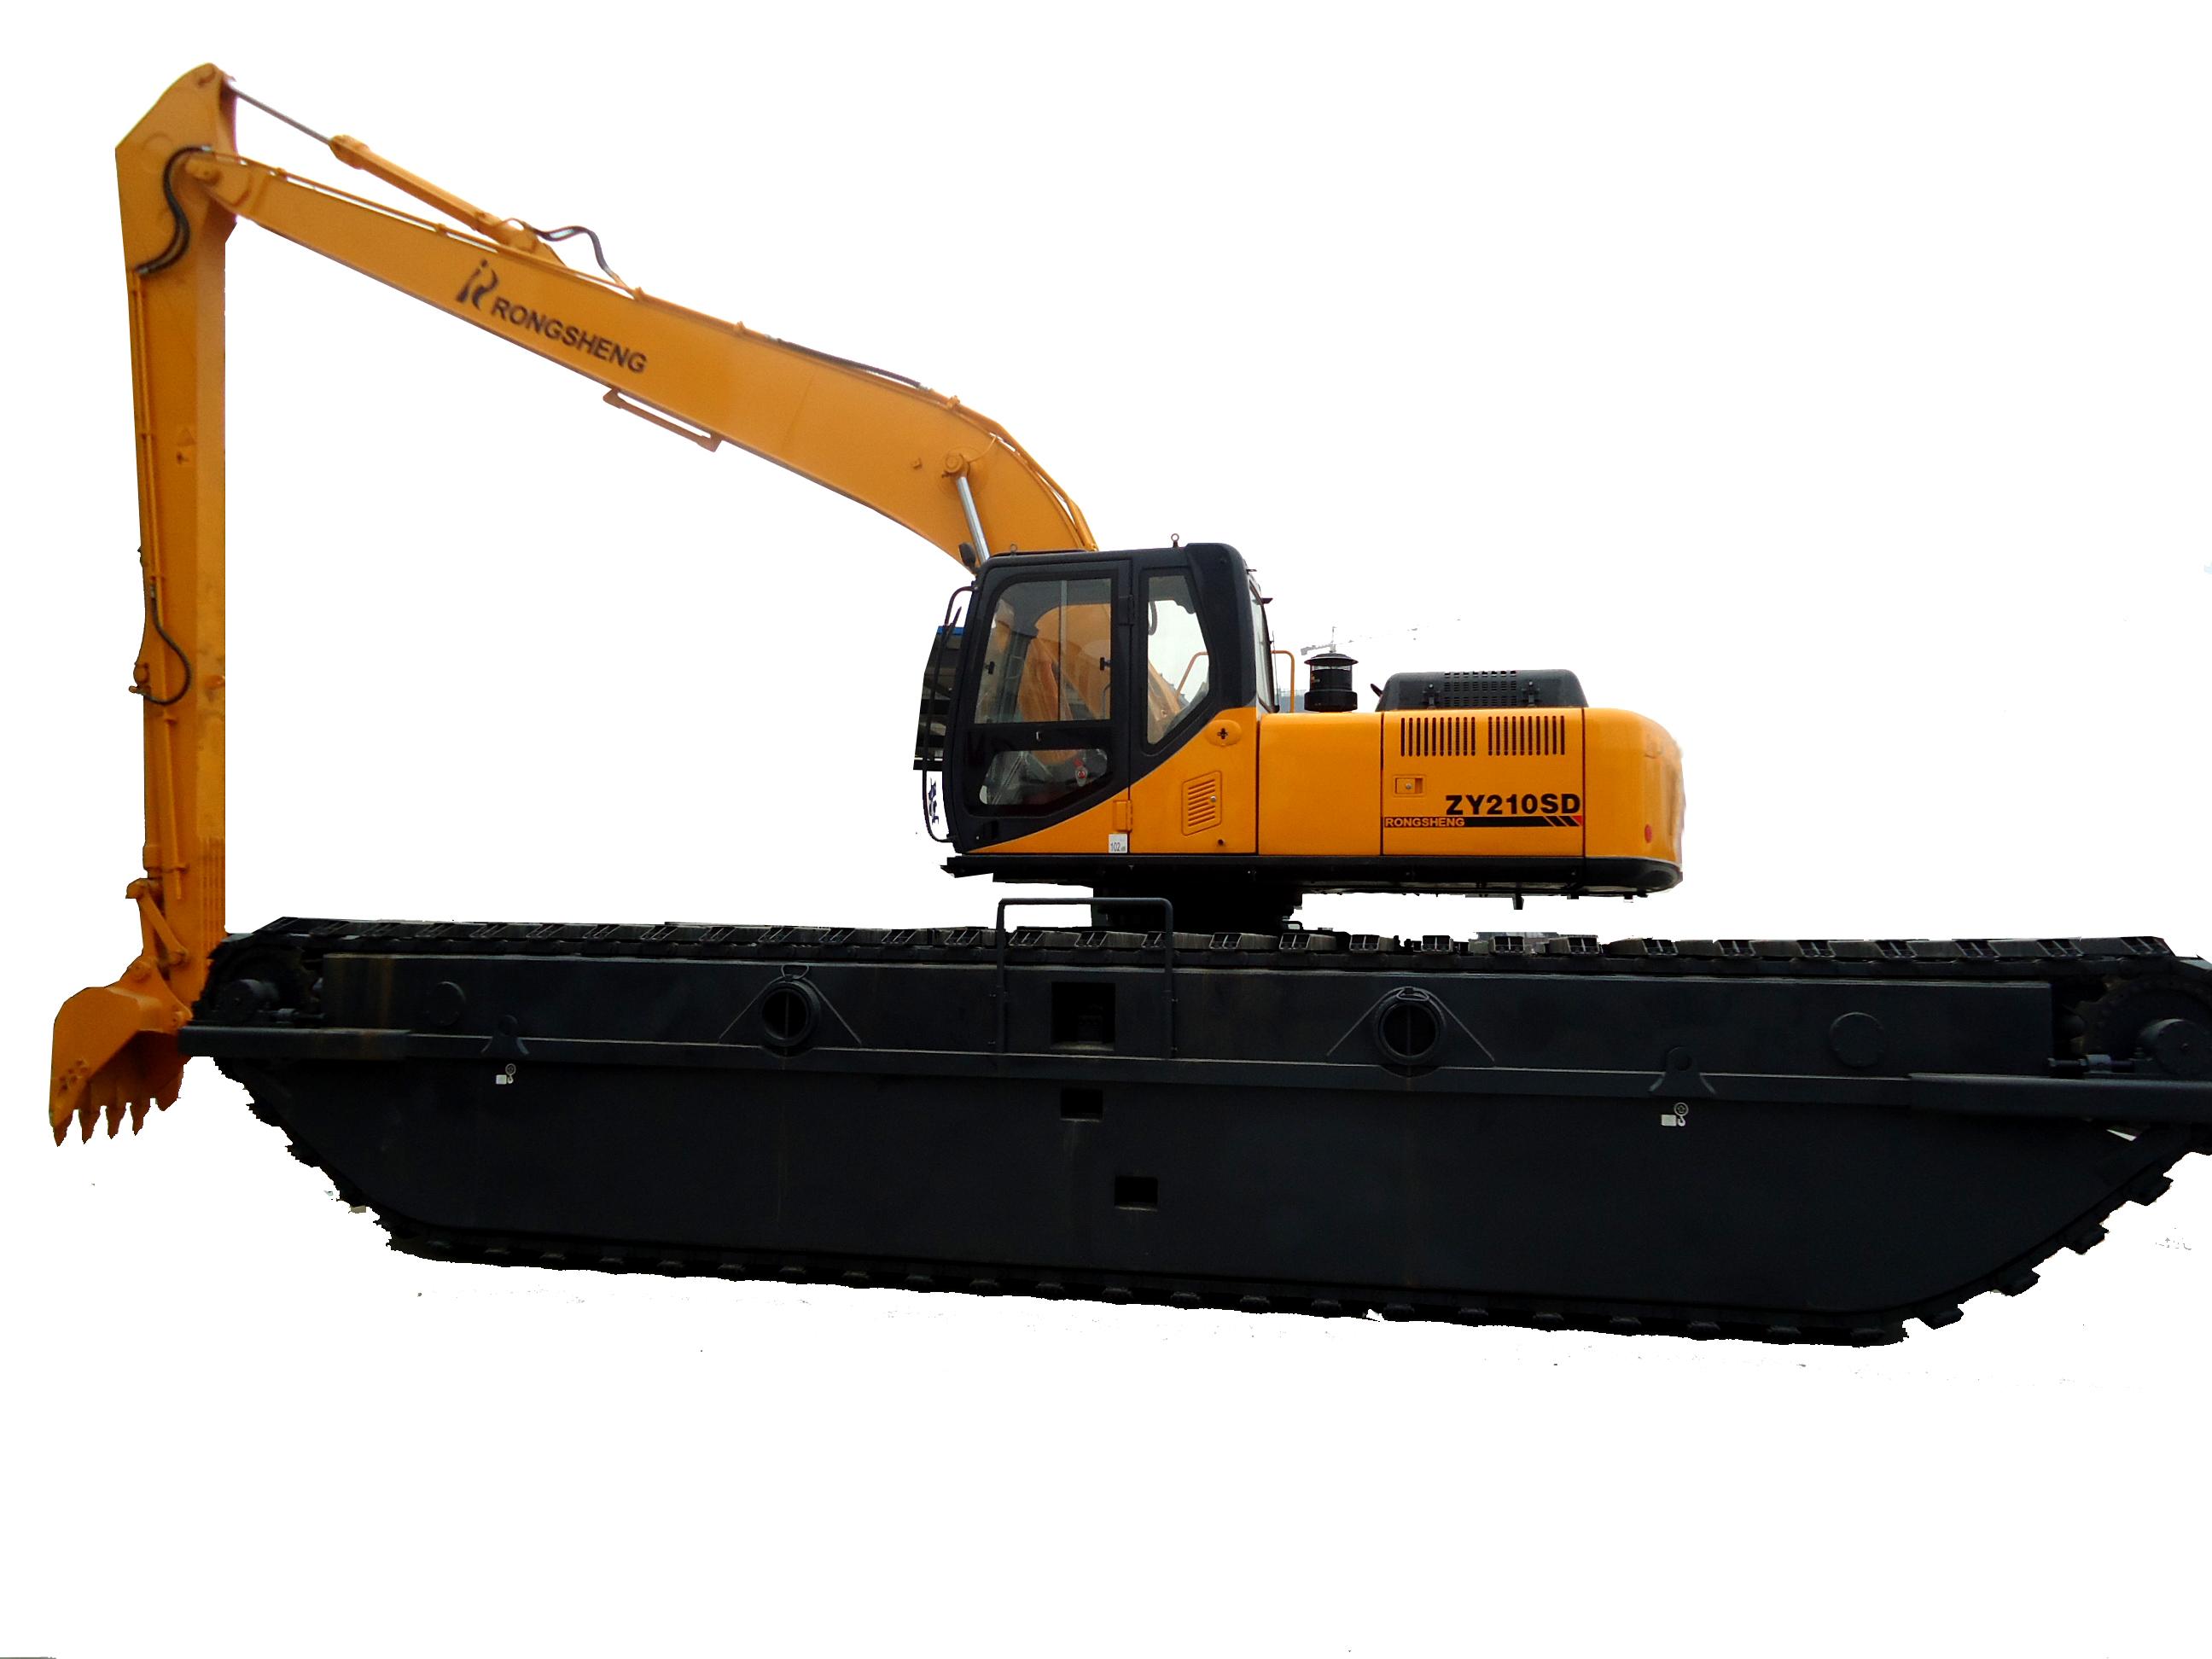 熔盛机械ZY210SDA2湿地挖掘机